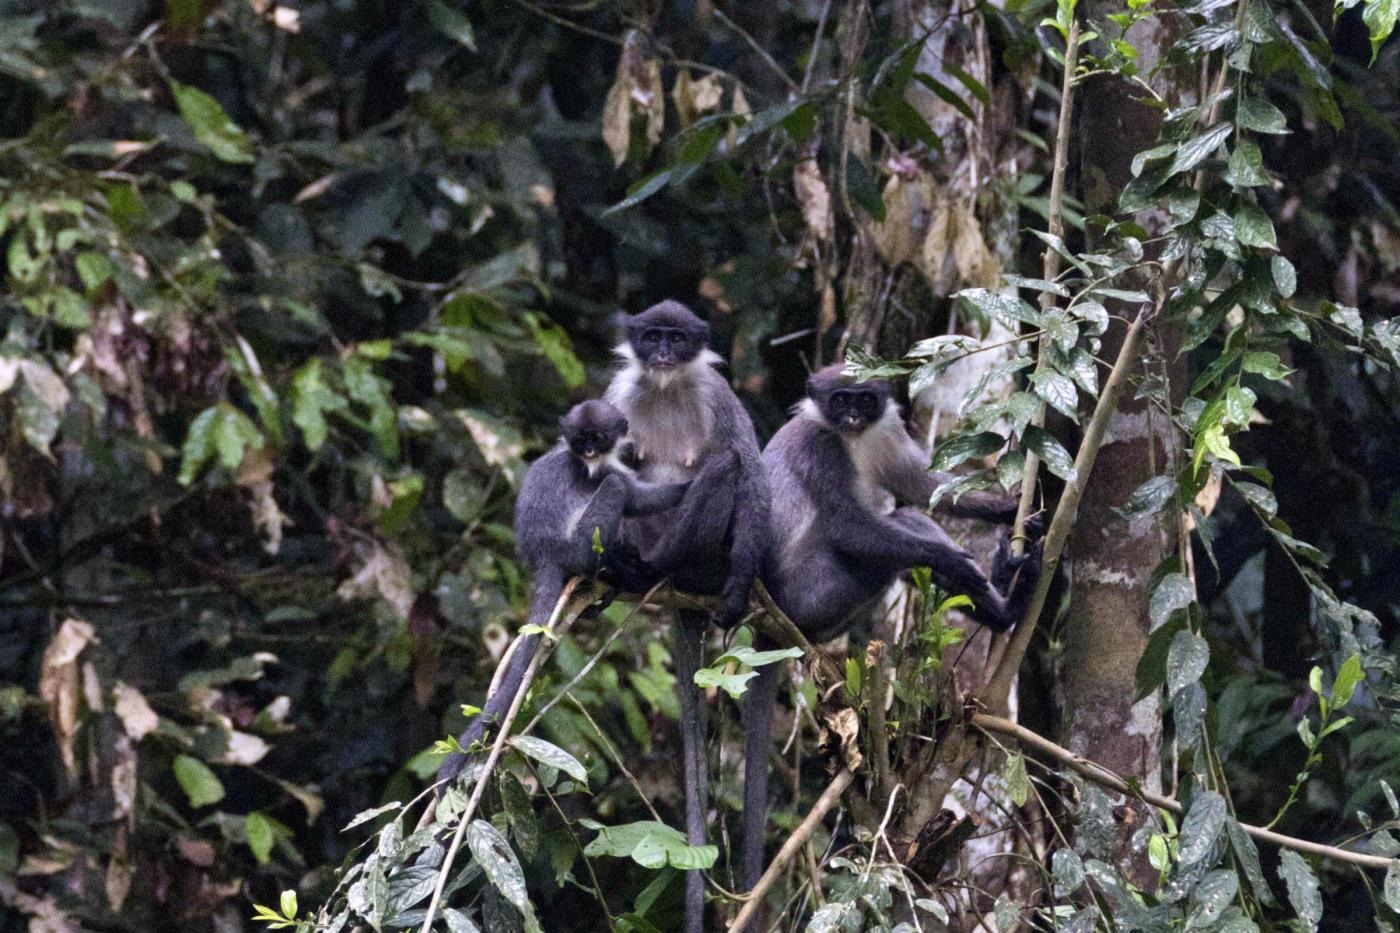 La scimmia perduta e ritrovata